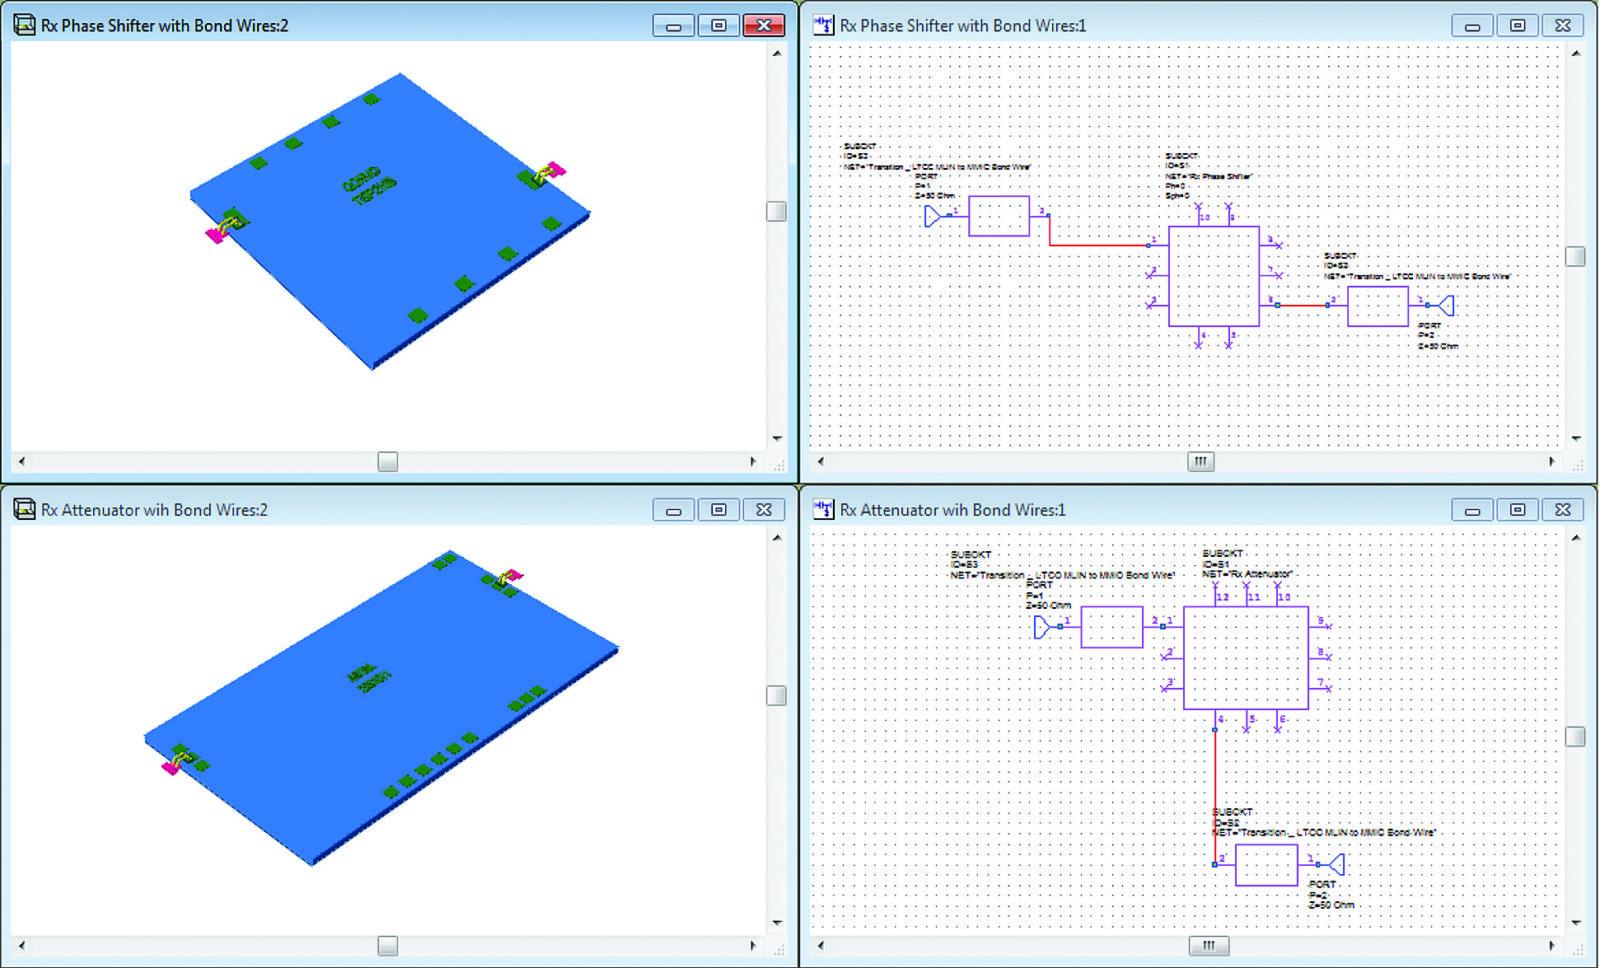 Импортированные модели аттенюатора и фазовращателя